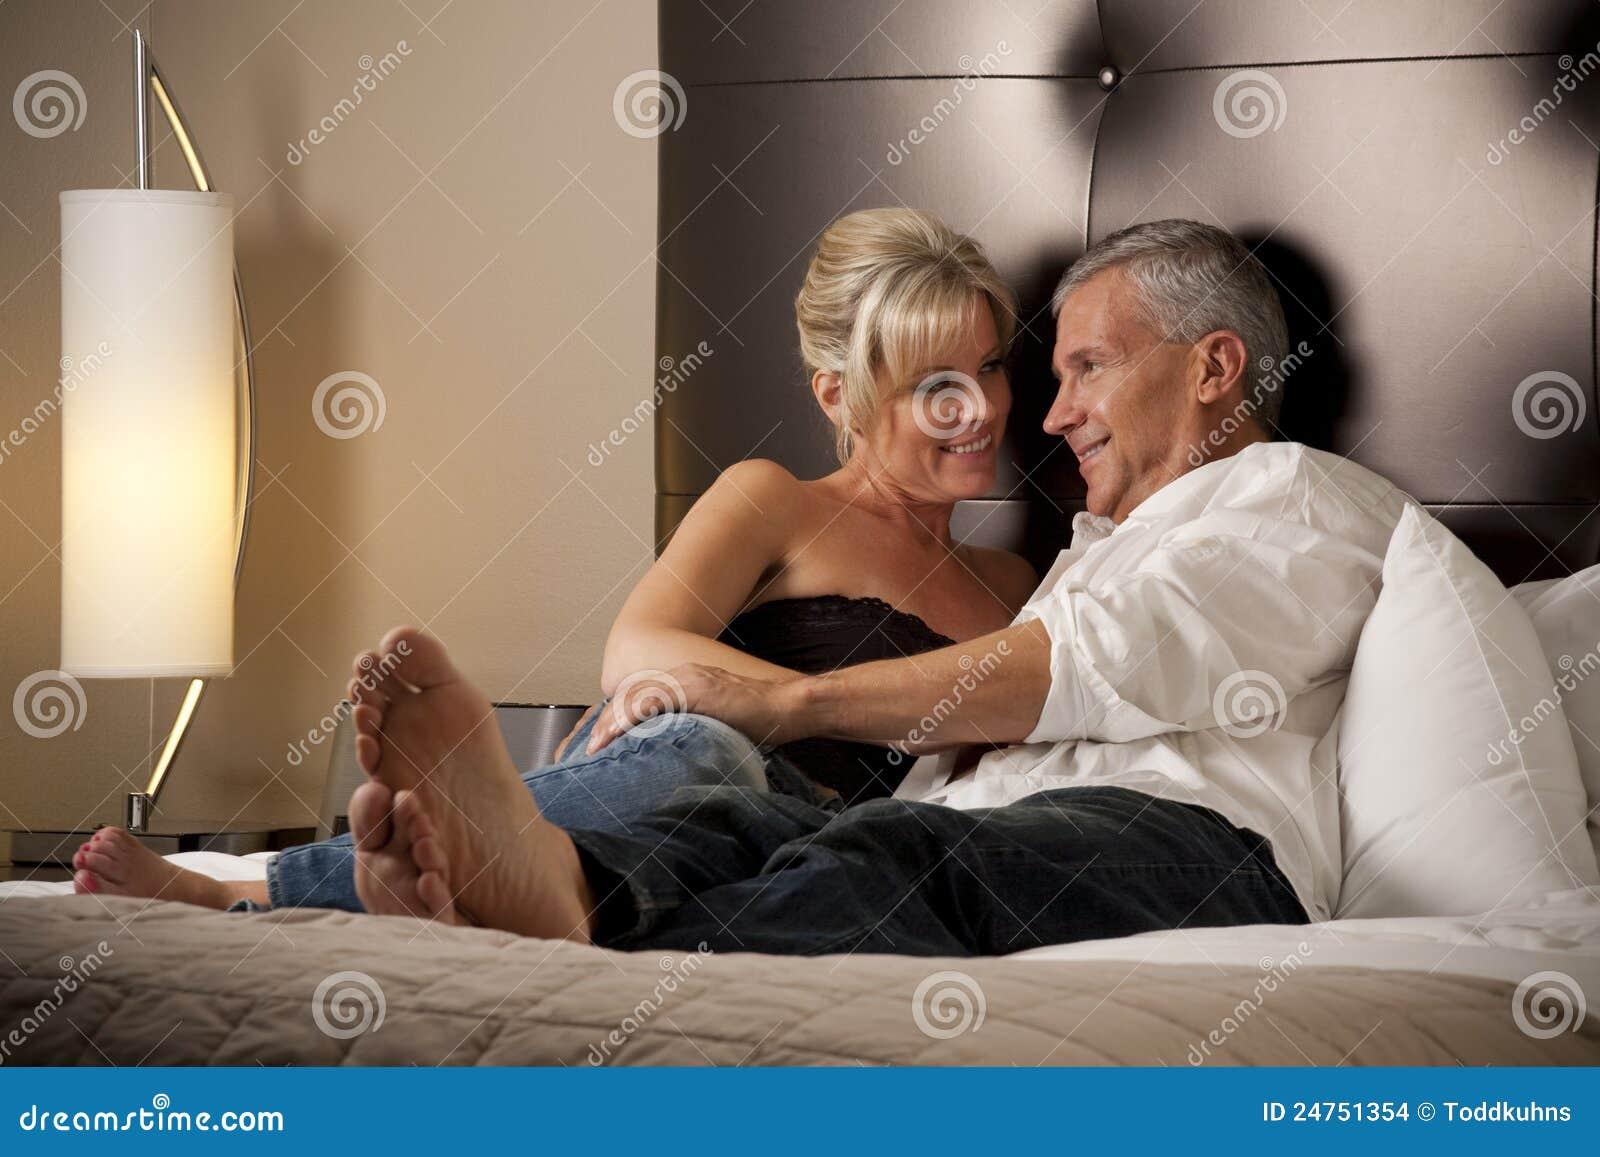 Секс с презервативом во время лечения уреаплазмоза 13 фотография